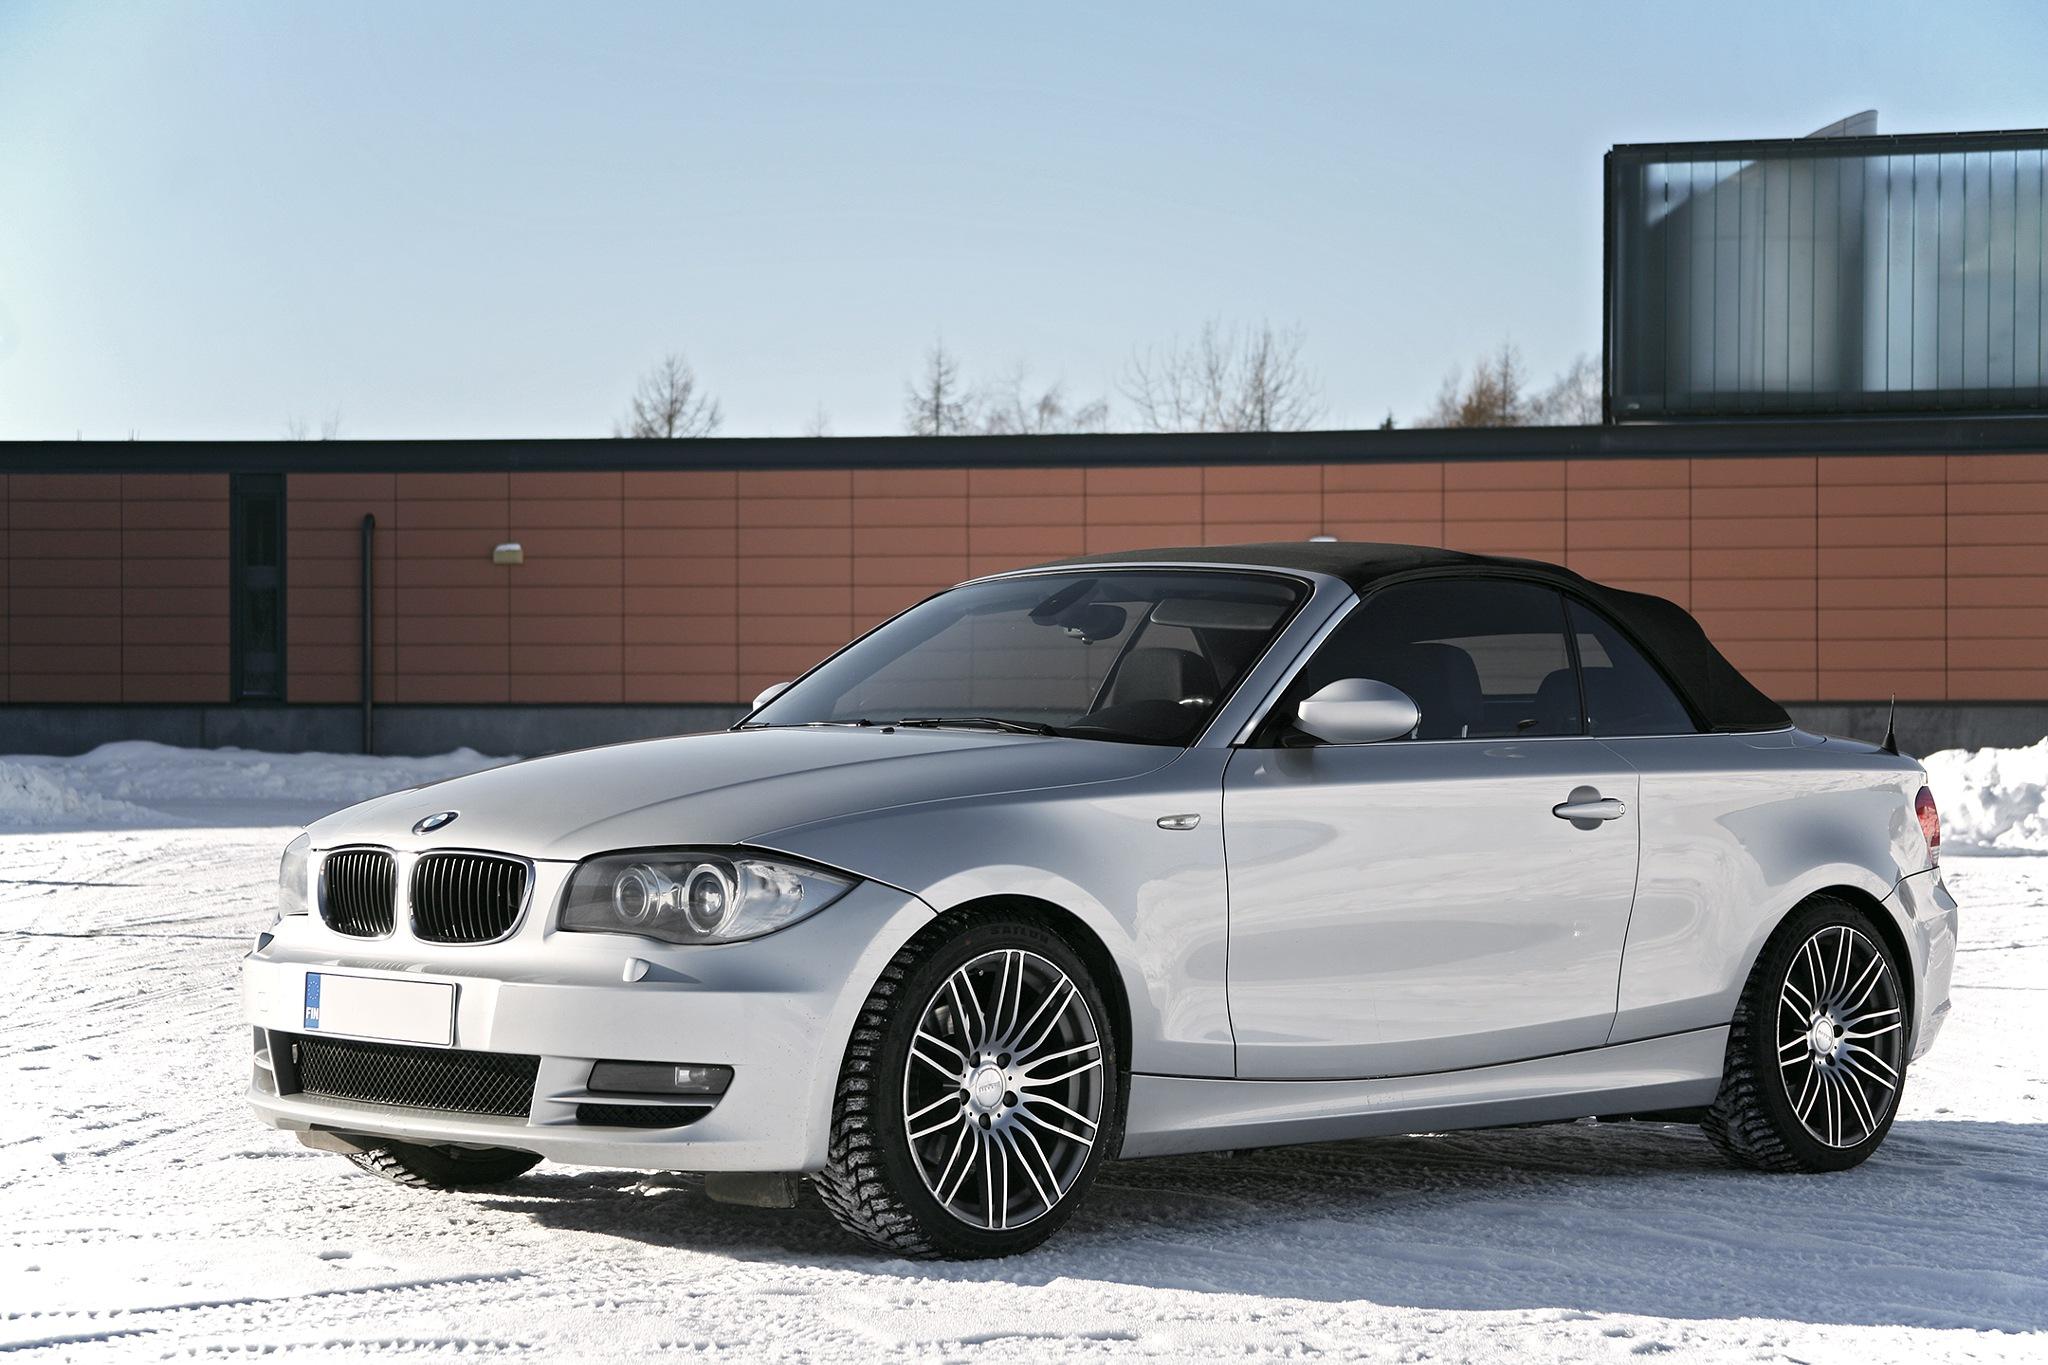 BMW by Ville Kokkonen